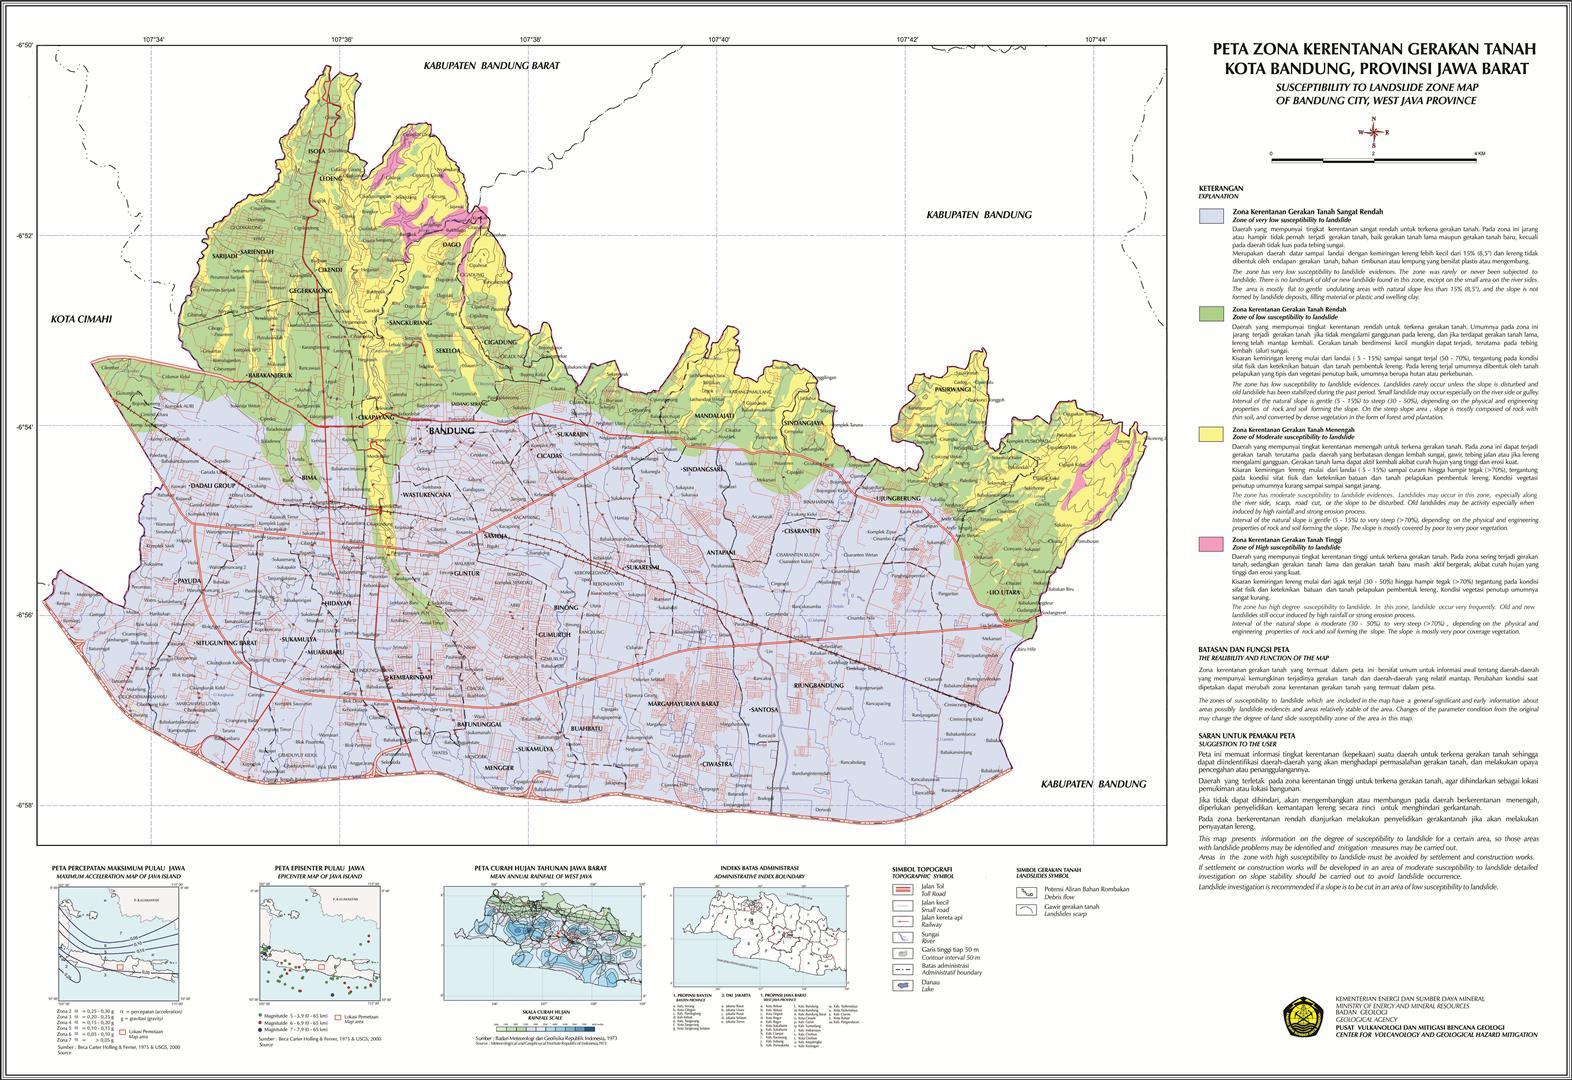 Peta Digital Zona Gerakan Tanah Indonesia Gratis